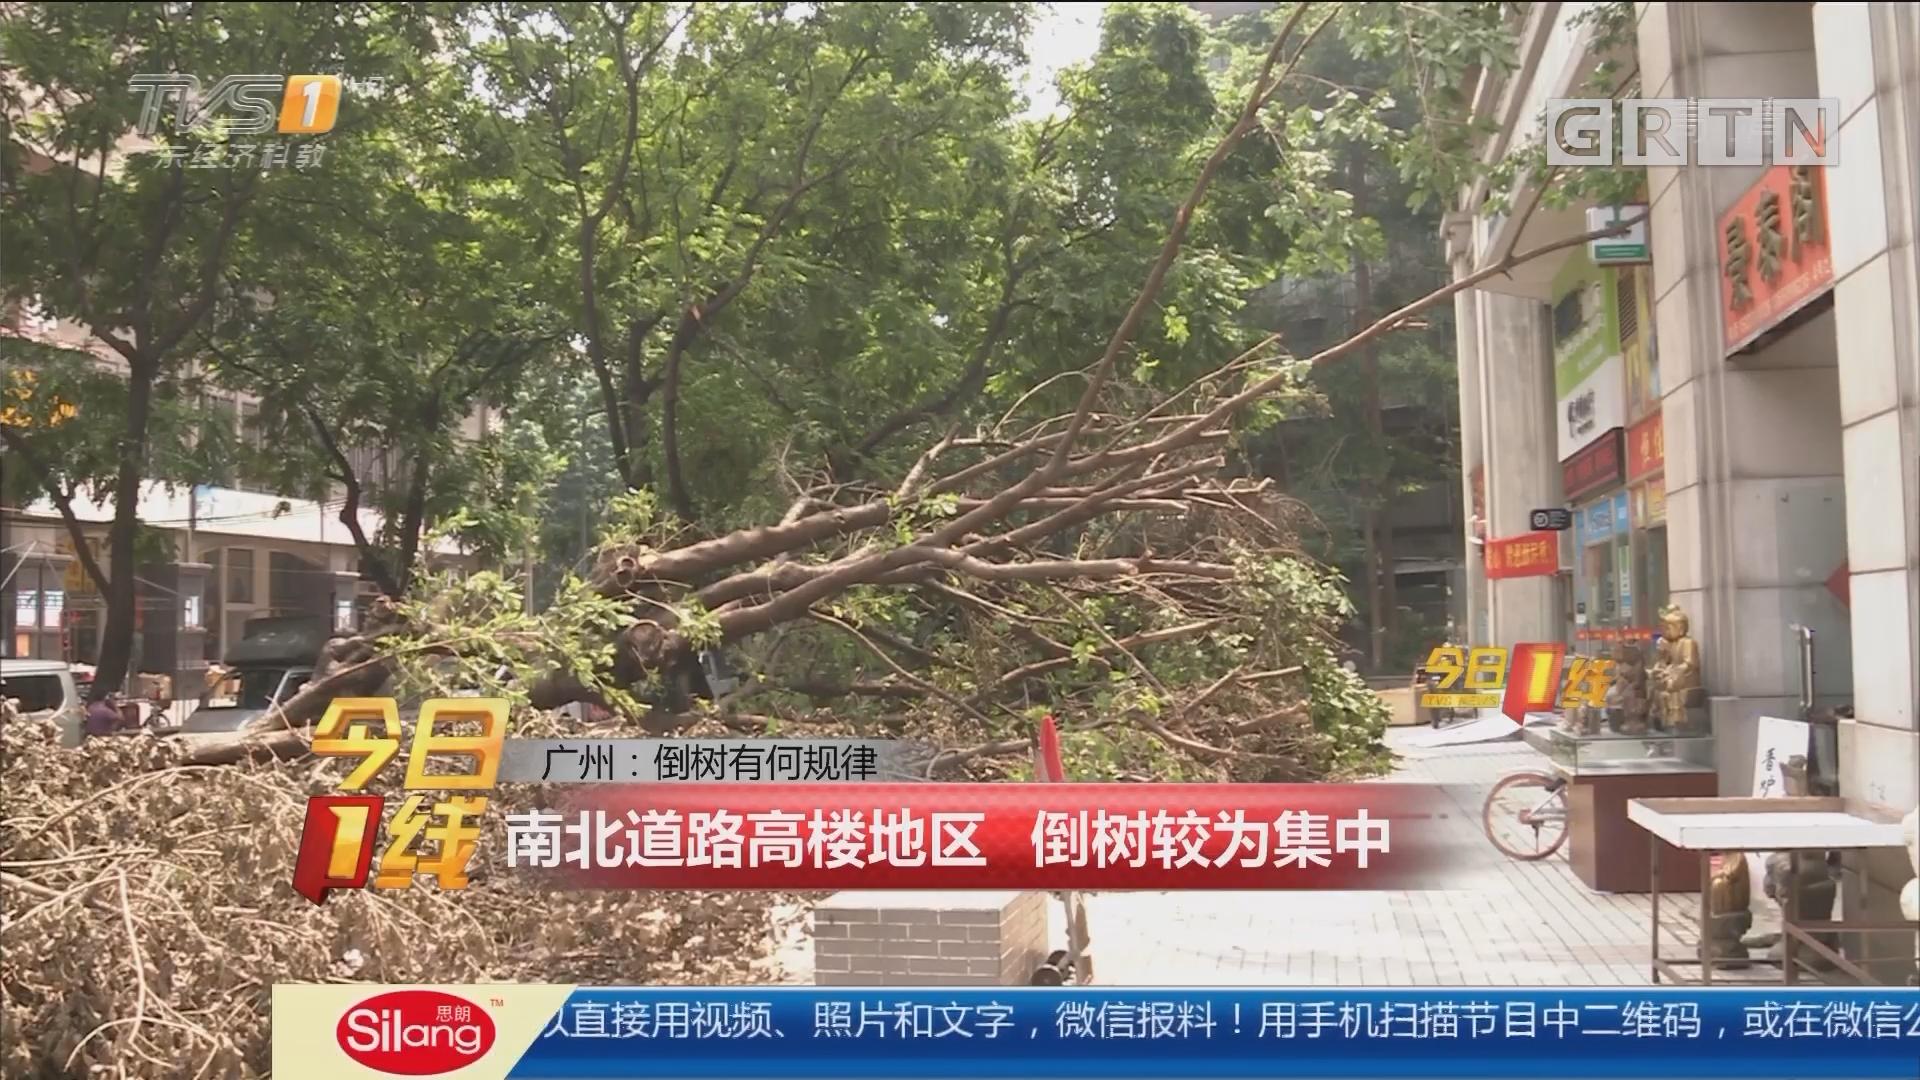 广州:倒树有何规律 南北道路高楼地区 倒树较为集中